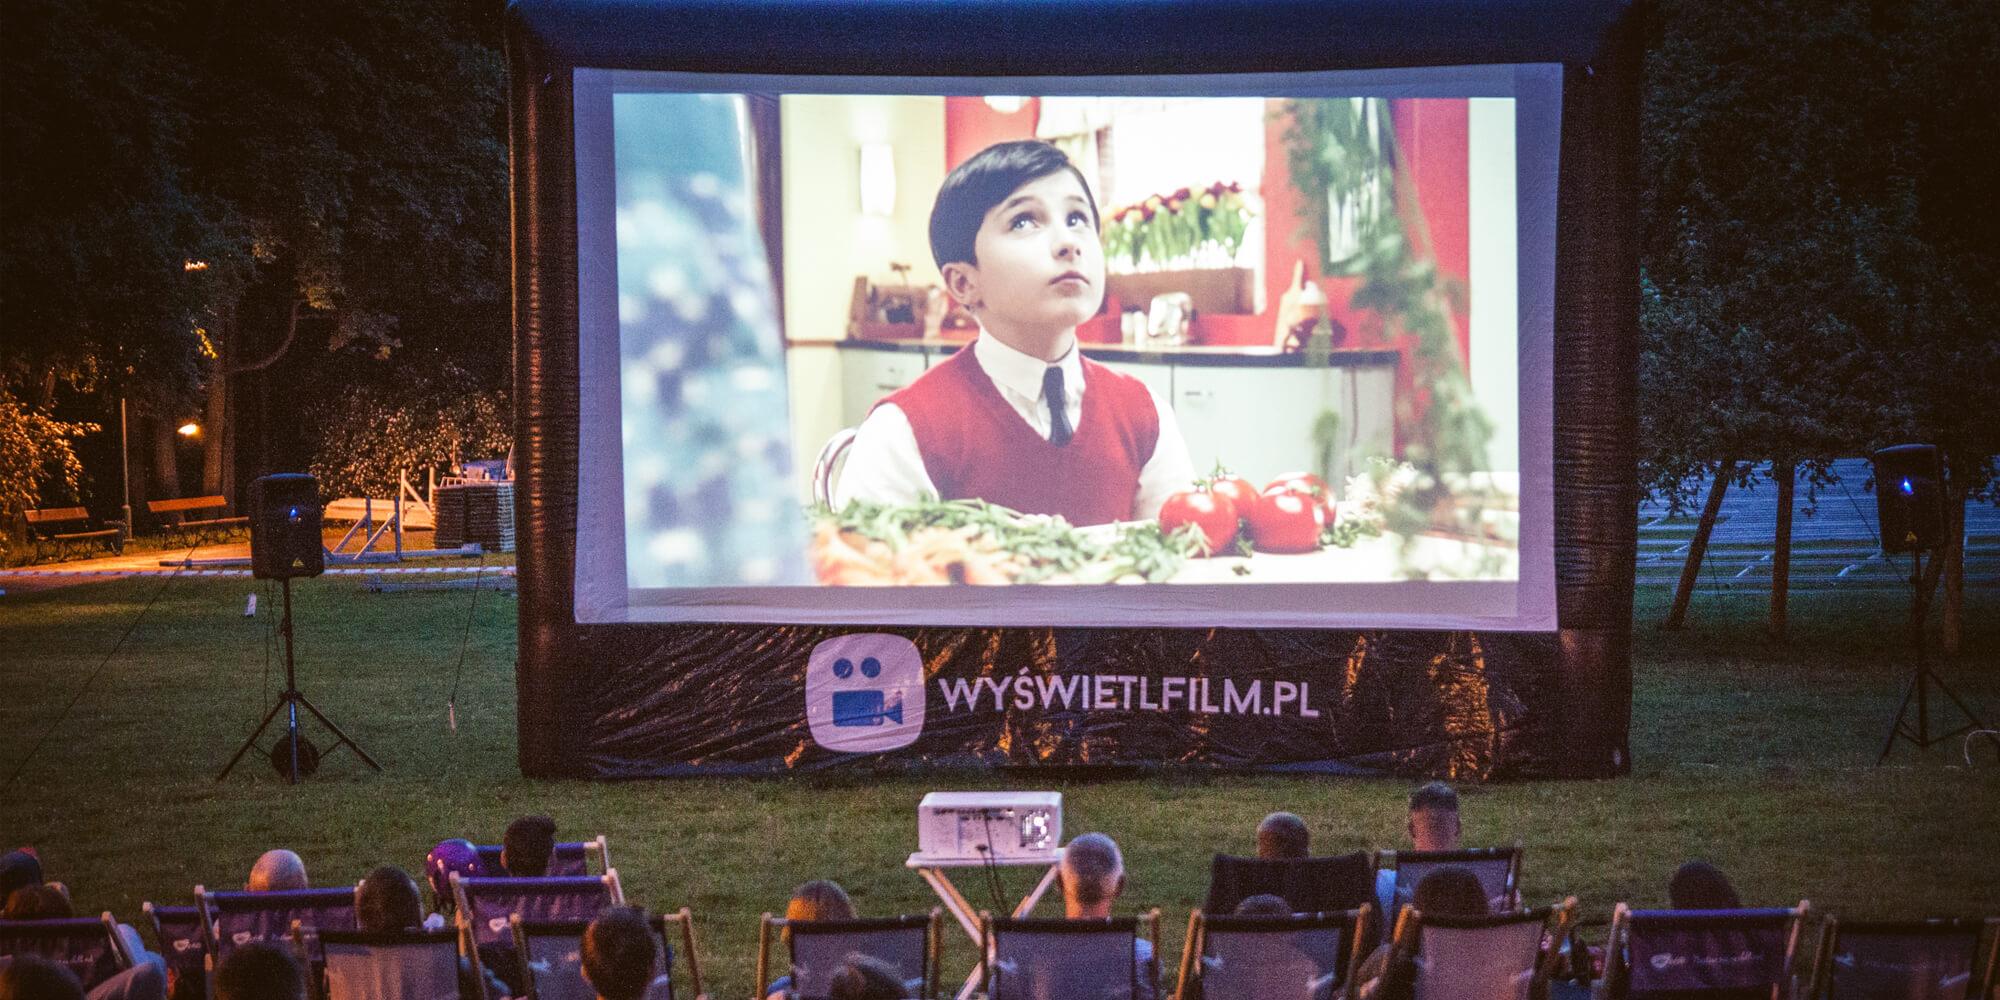 Ekran projekcyjny jako kino plenerowe w parku